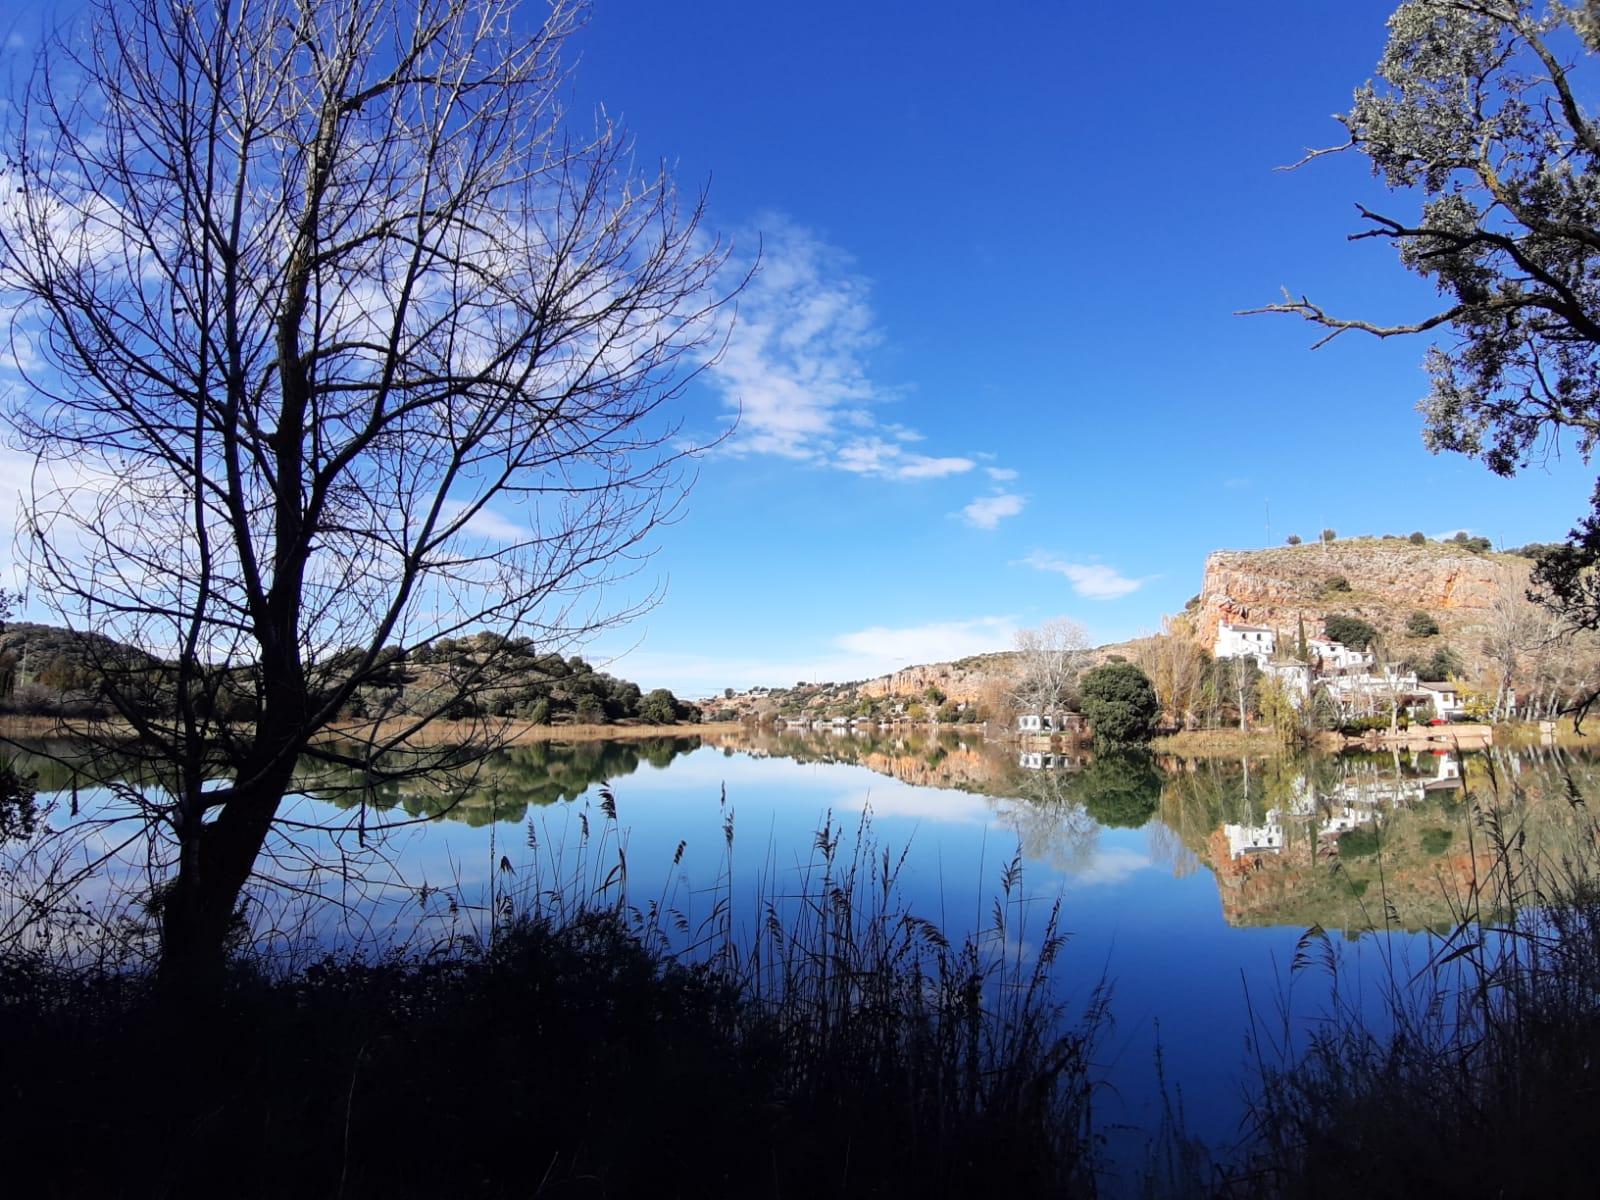 El parque natural de las Lagunas de Ruidera  el pasado noviembre /J. González